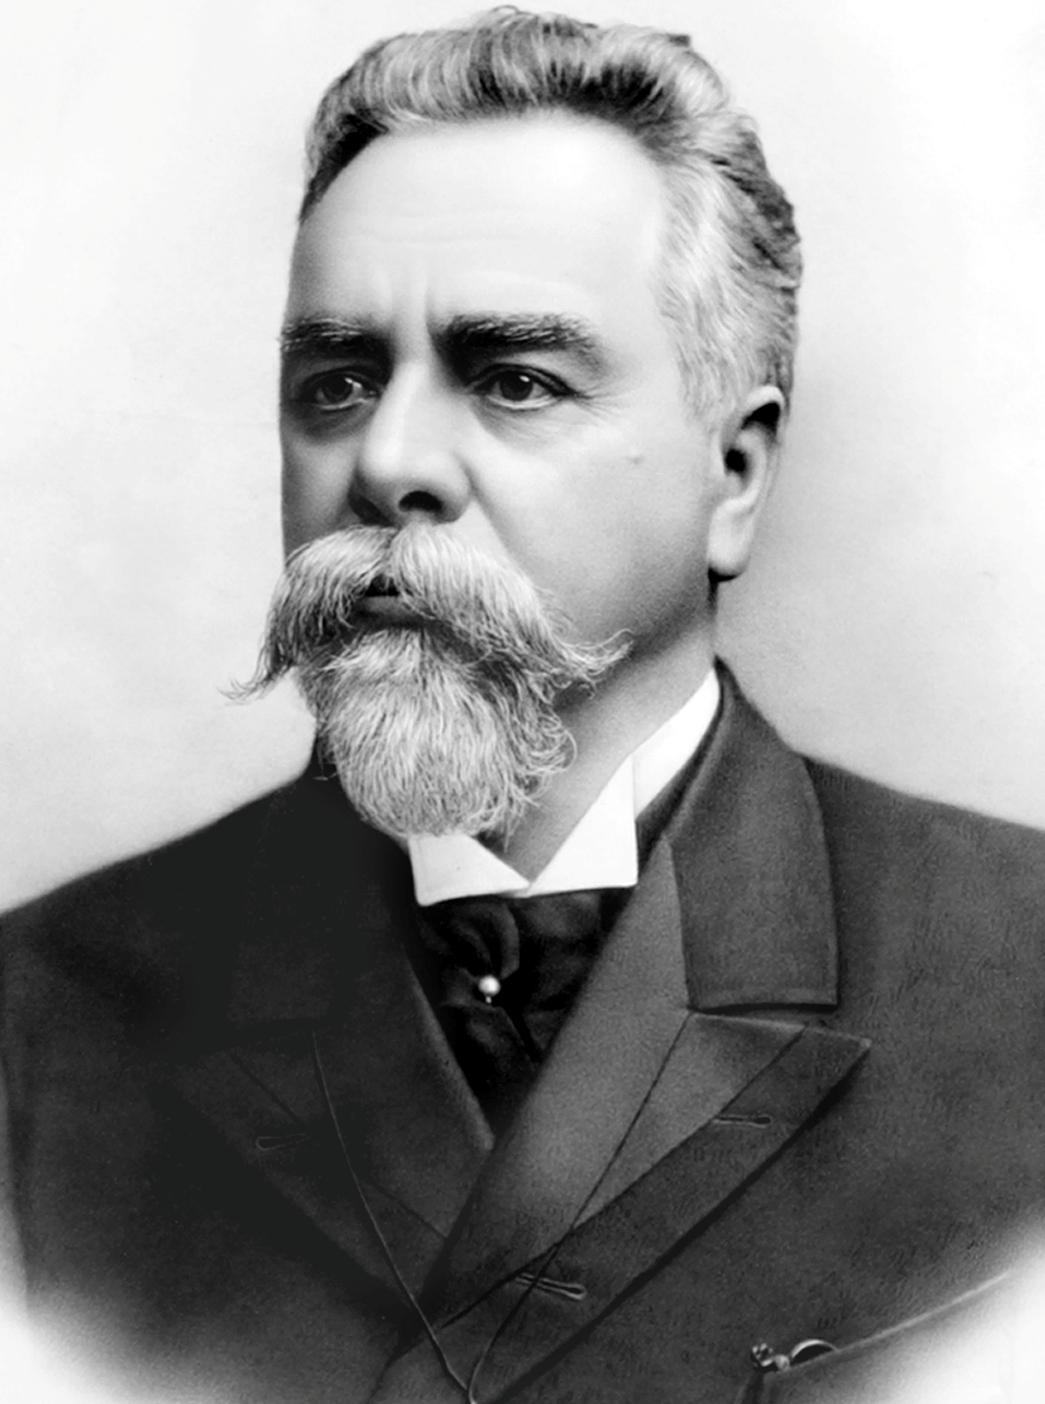 Manuel Ferraz de Campos Salles, cafeicultor que considerava a abolição inevitável, viu nela bom pretexto para exigir incentivos para a agricultura / GB Imagem